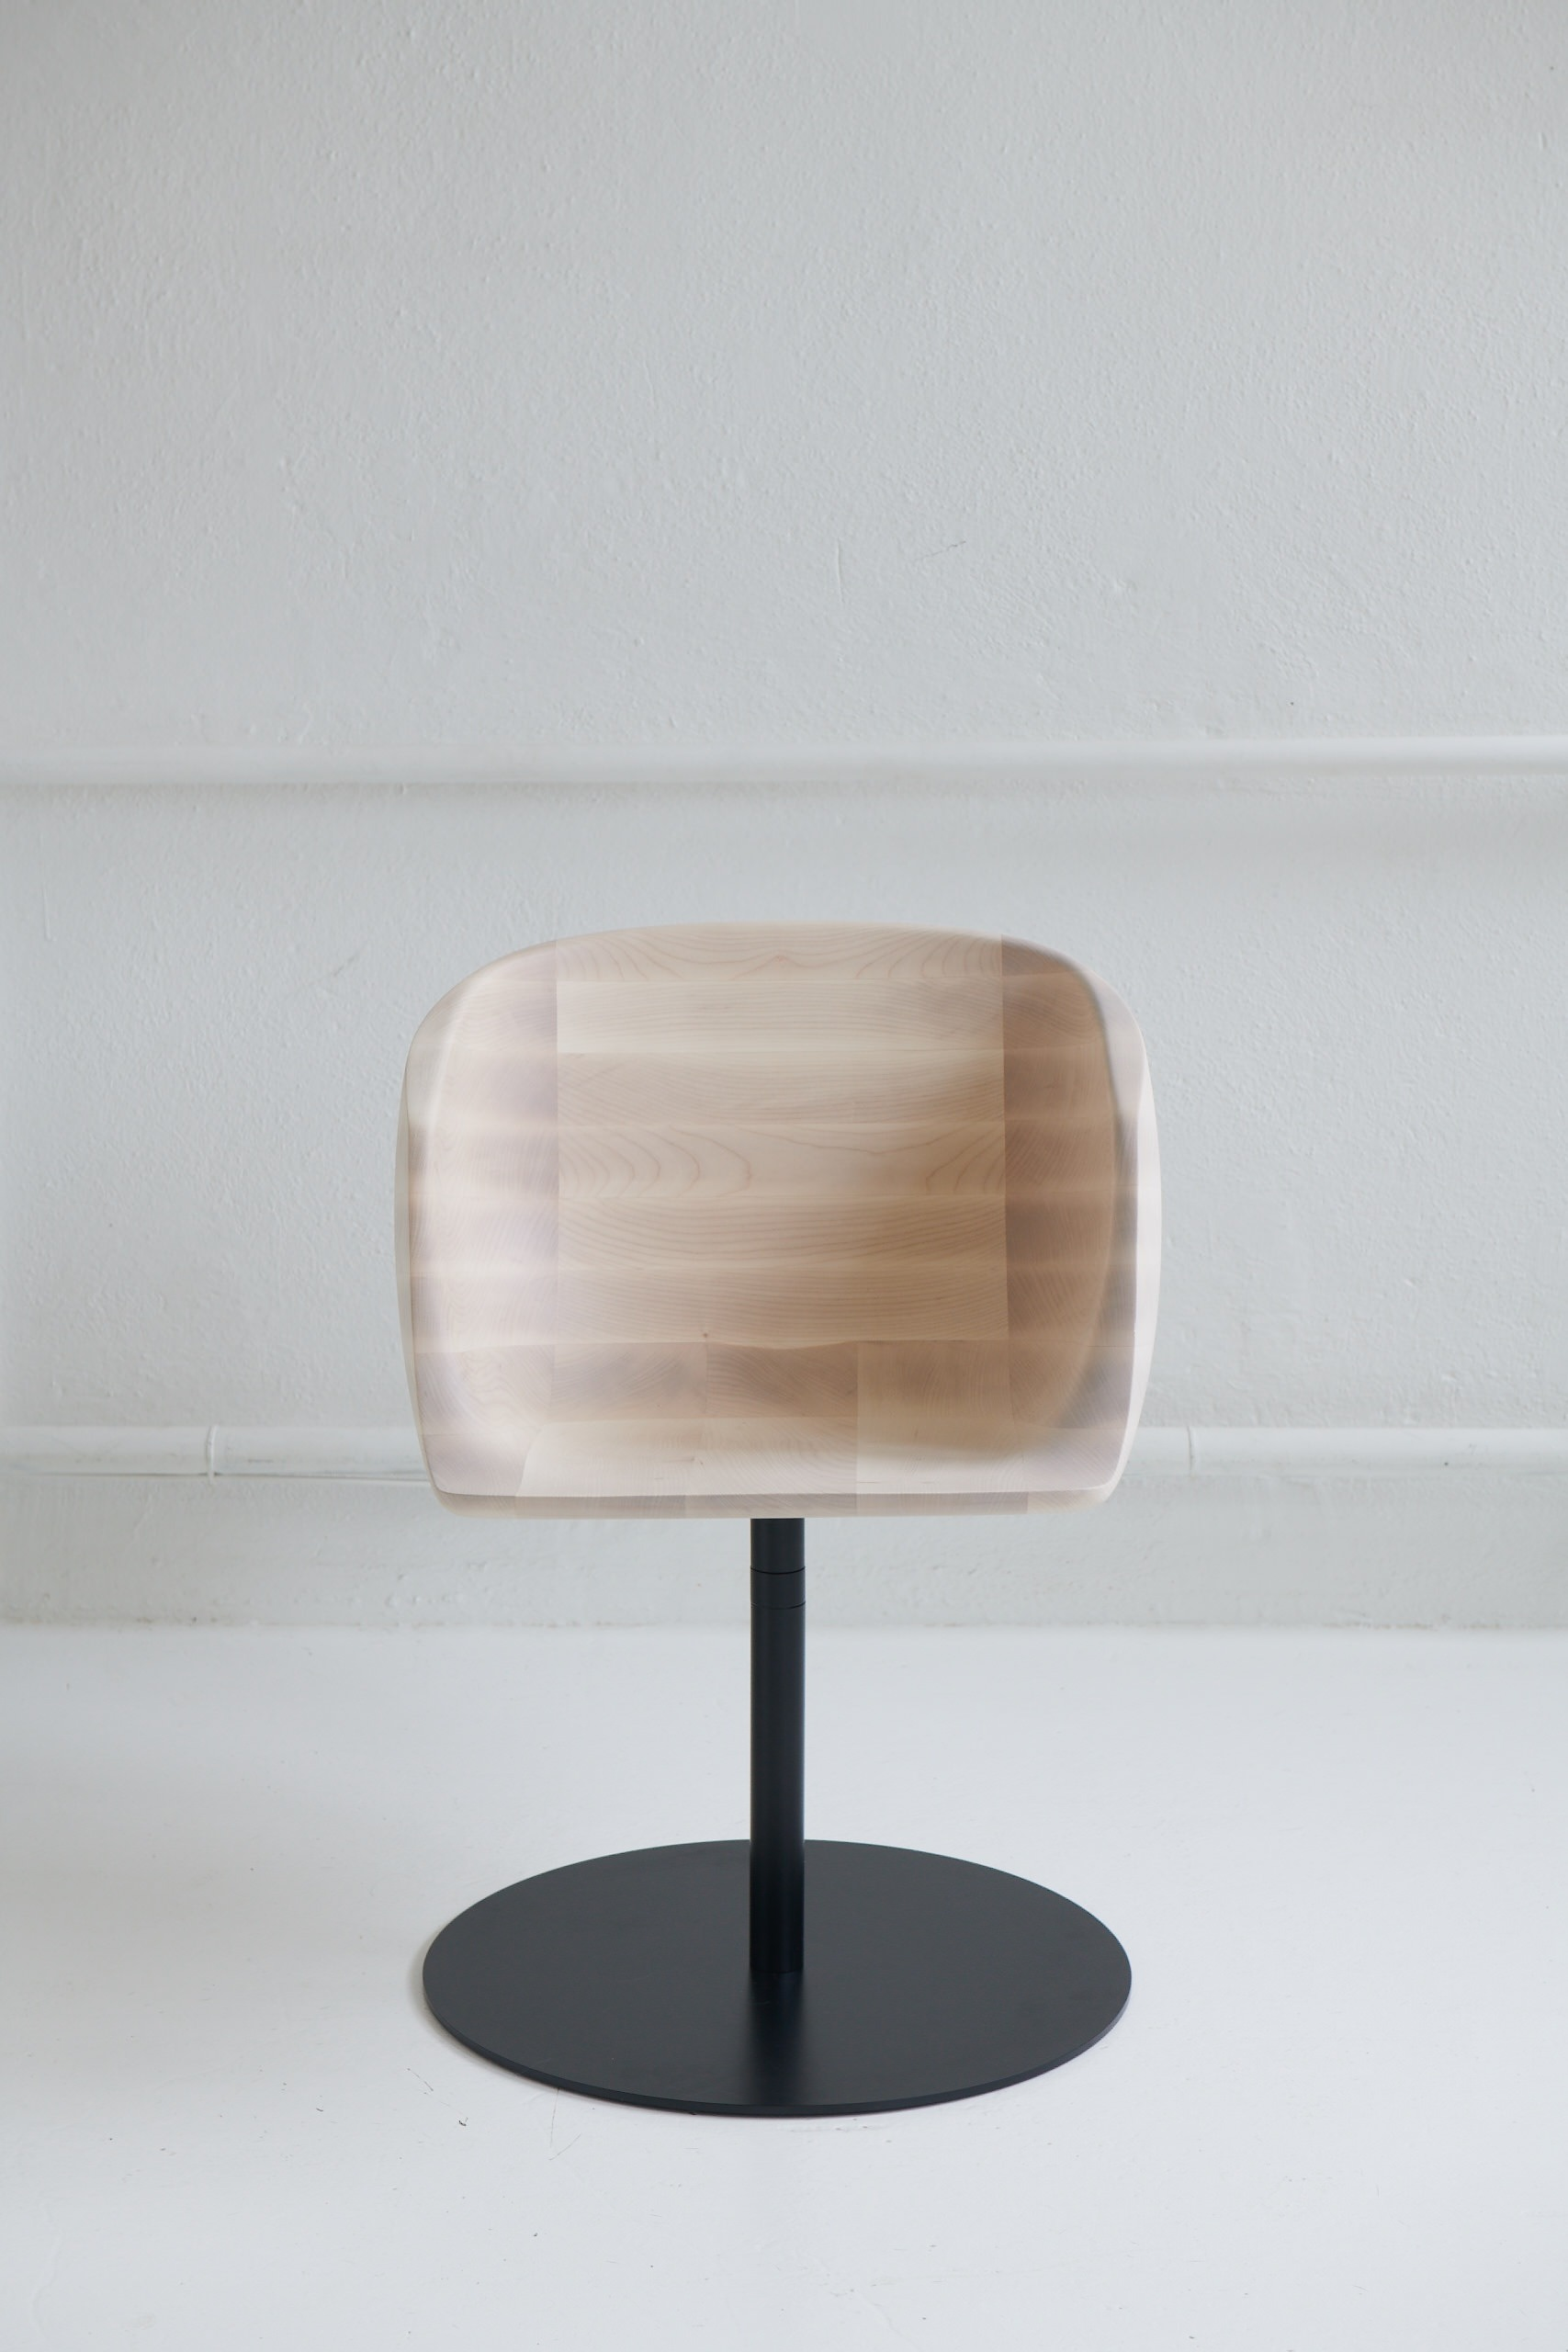 Stuhl (Lounge Chair) Chaz WST 435 Waldhaus gefertigt mit CNC Reichenbacher Eco 1232-B Sprint